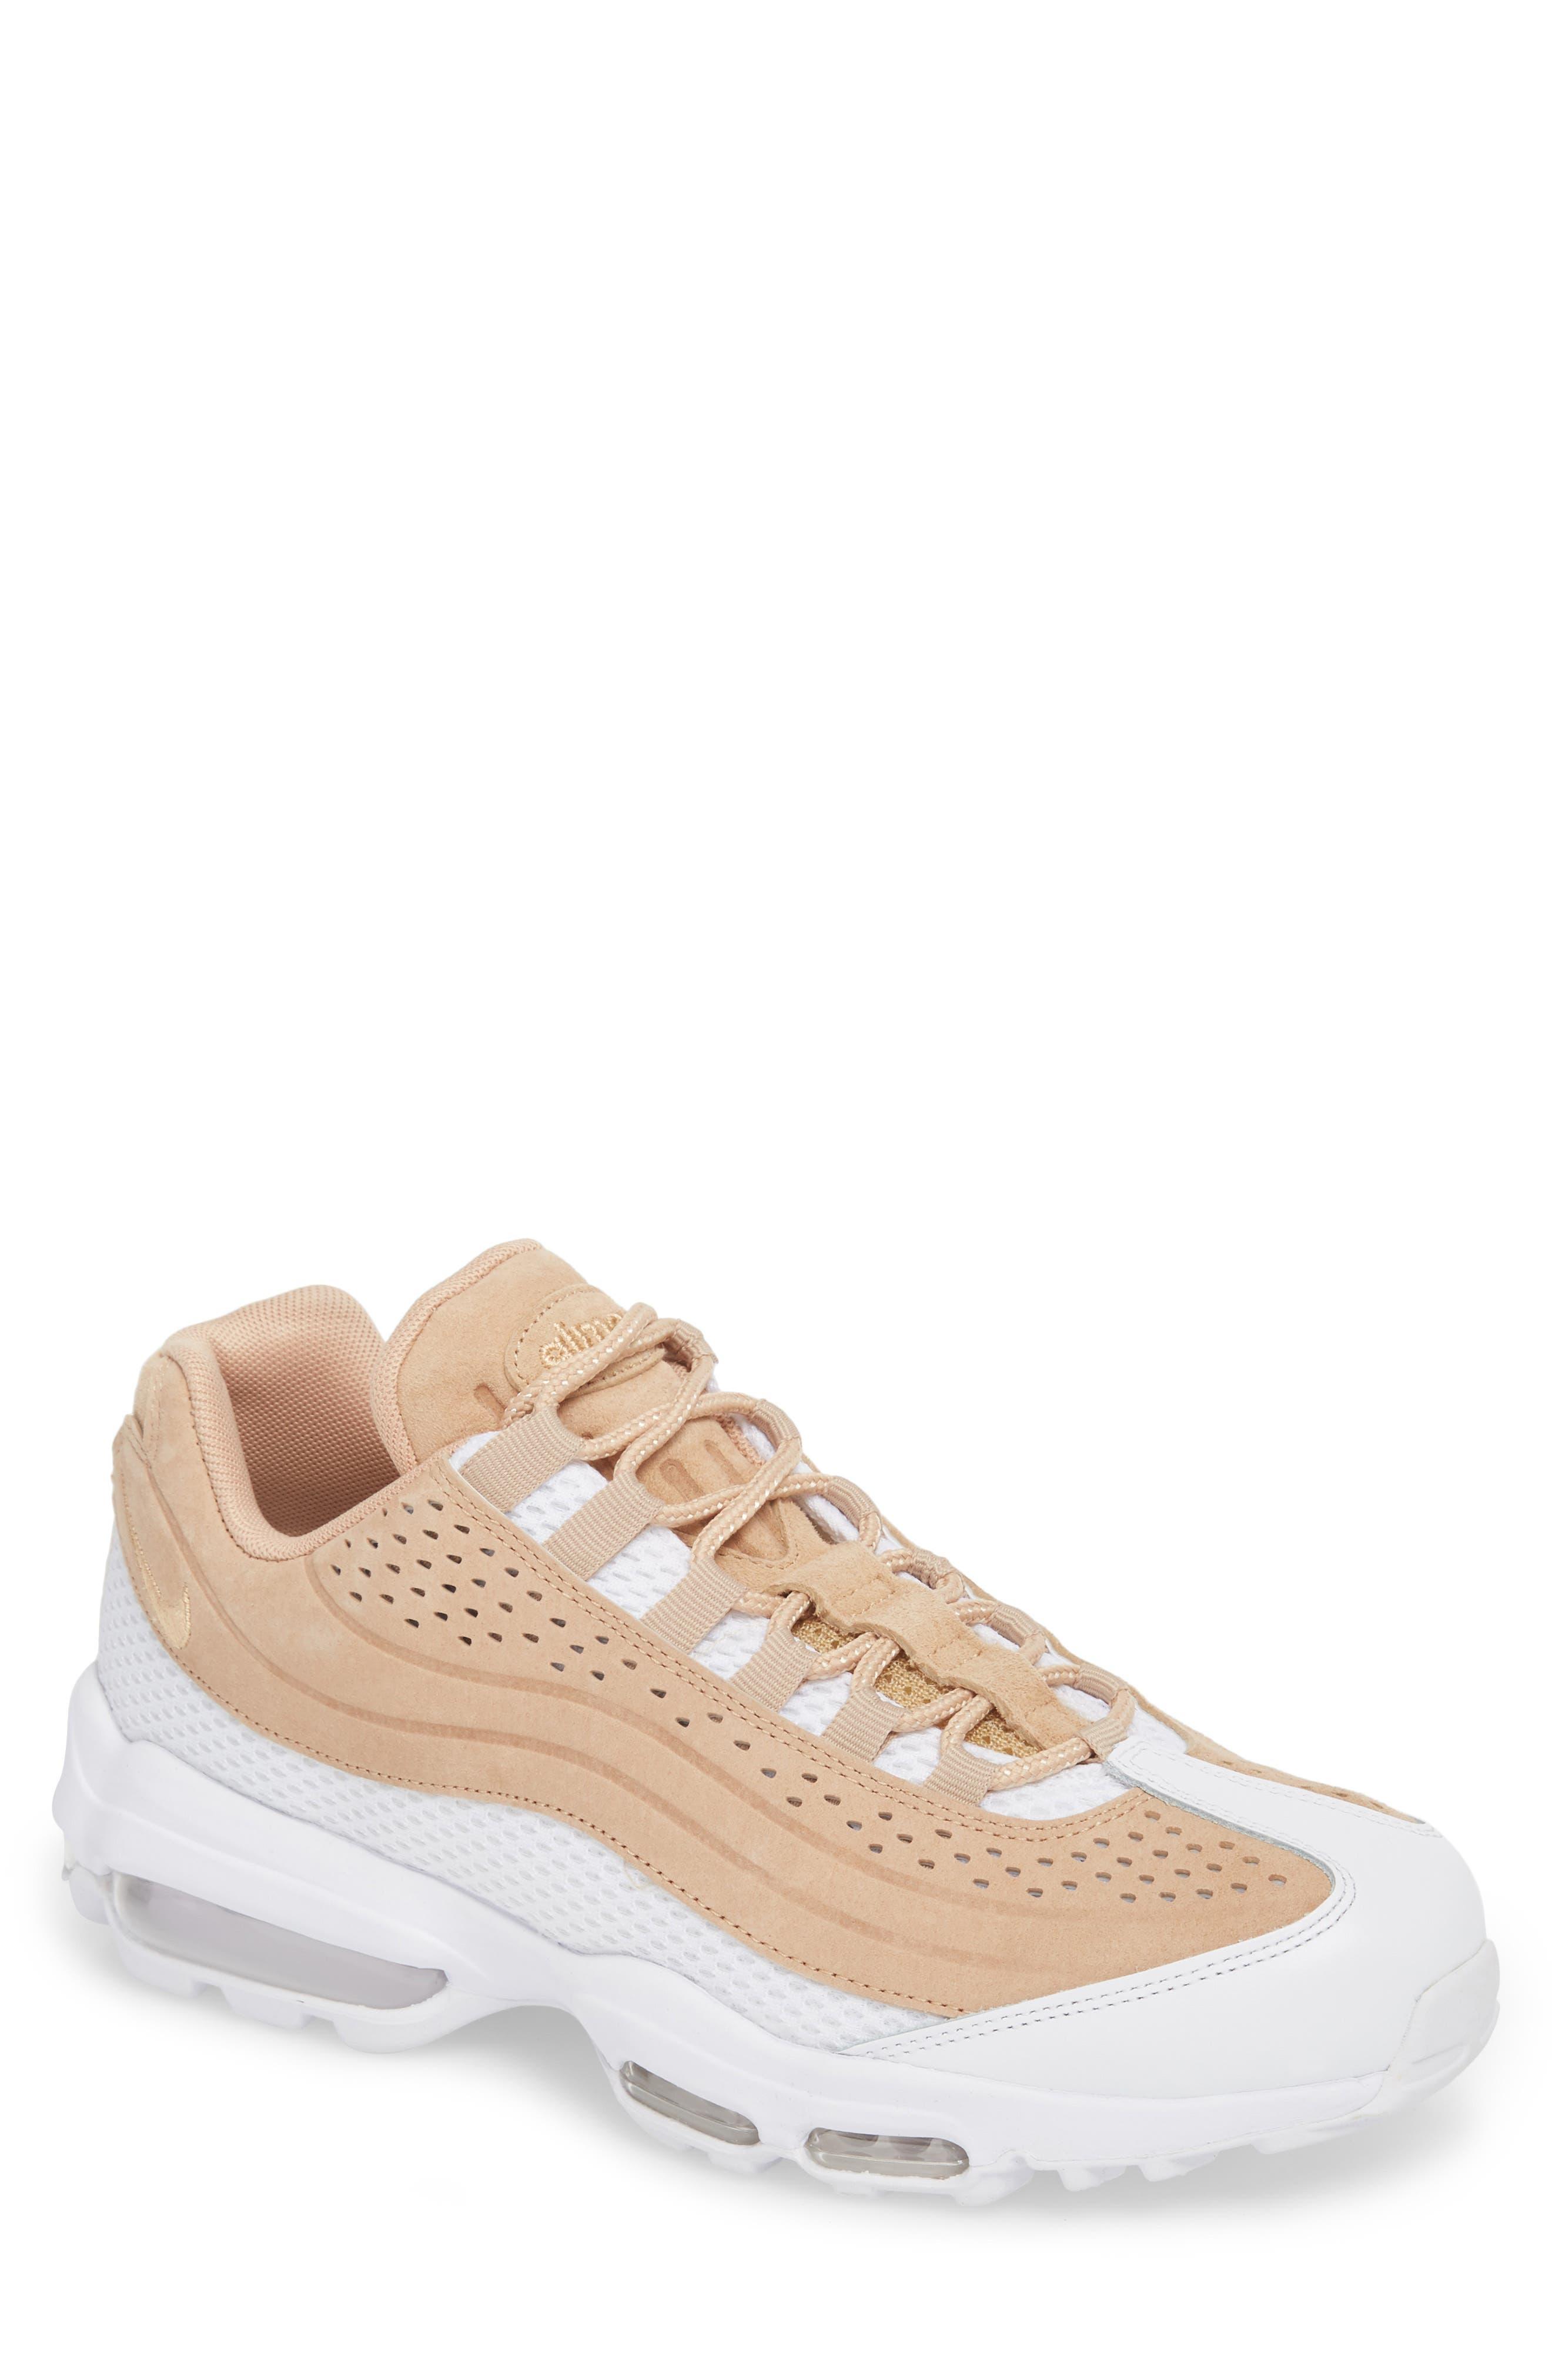 Air Max 95 Ultra Premium Sneaker,                             Main thumbnail 1, color,                             Vachetta Tan/ White